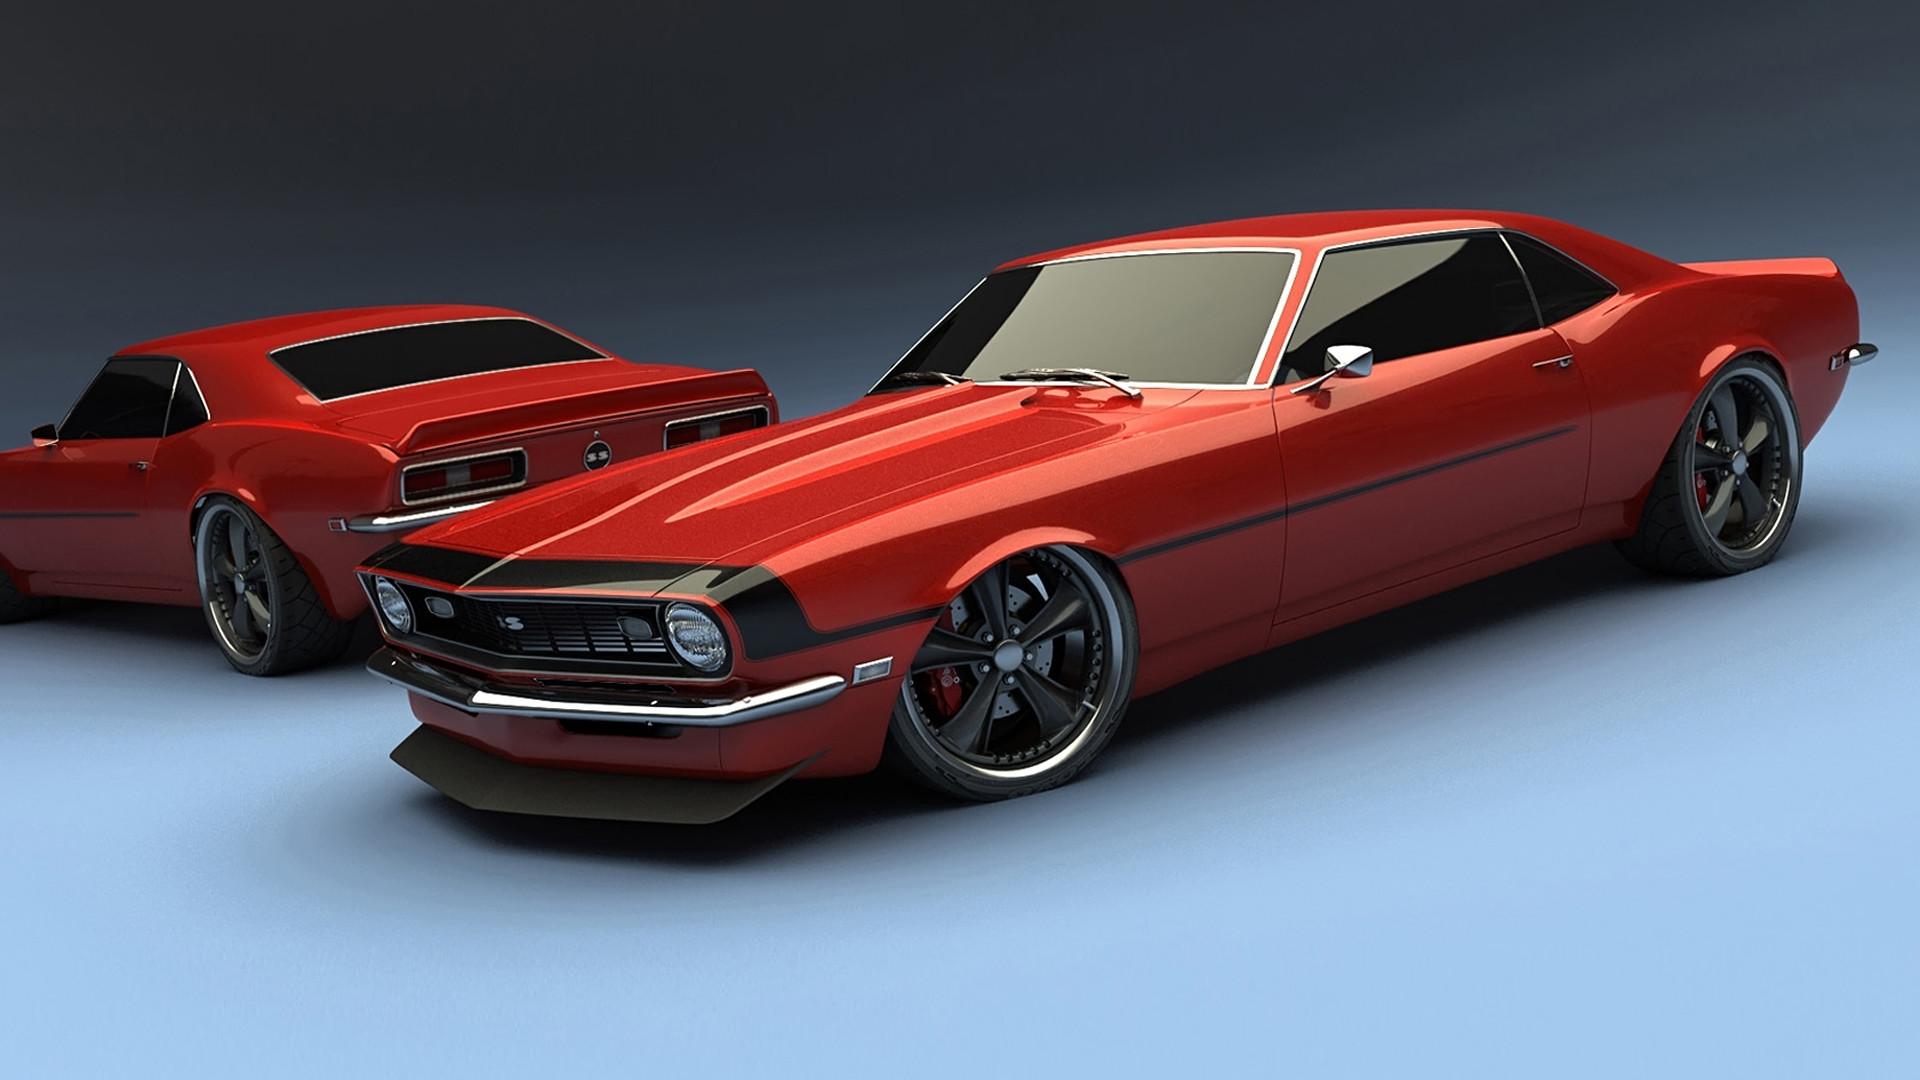 High resolution cars desktop wallpaper of Chevrolet Camaro ss 1969 (ID: